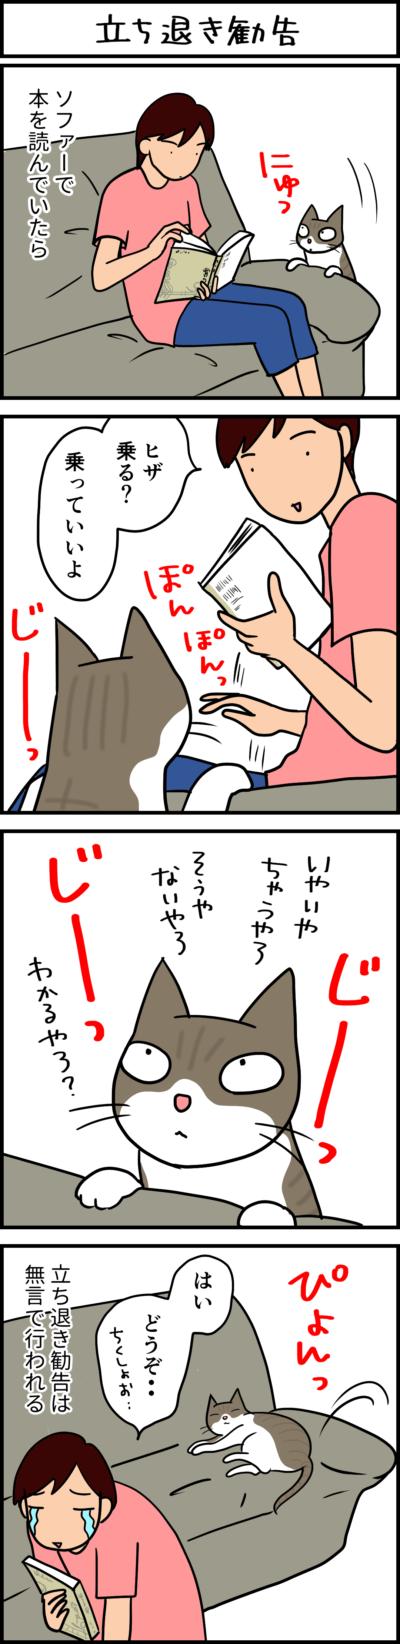 立ち退き勧告する猫の4コマ猫漫画